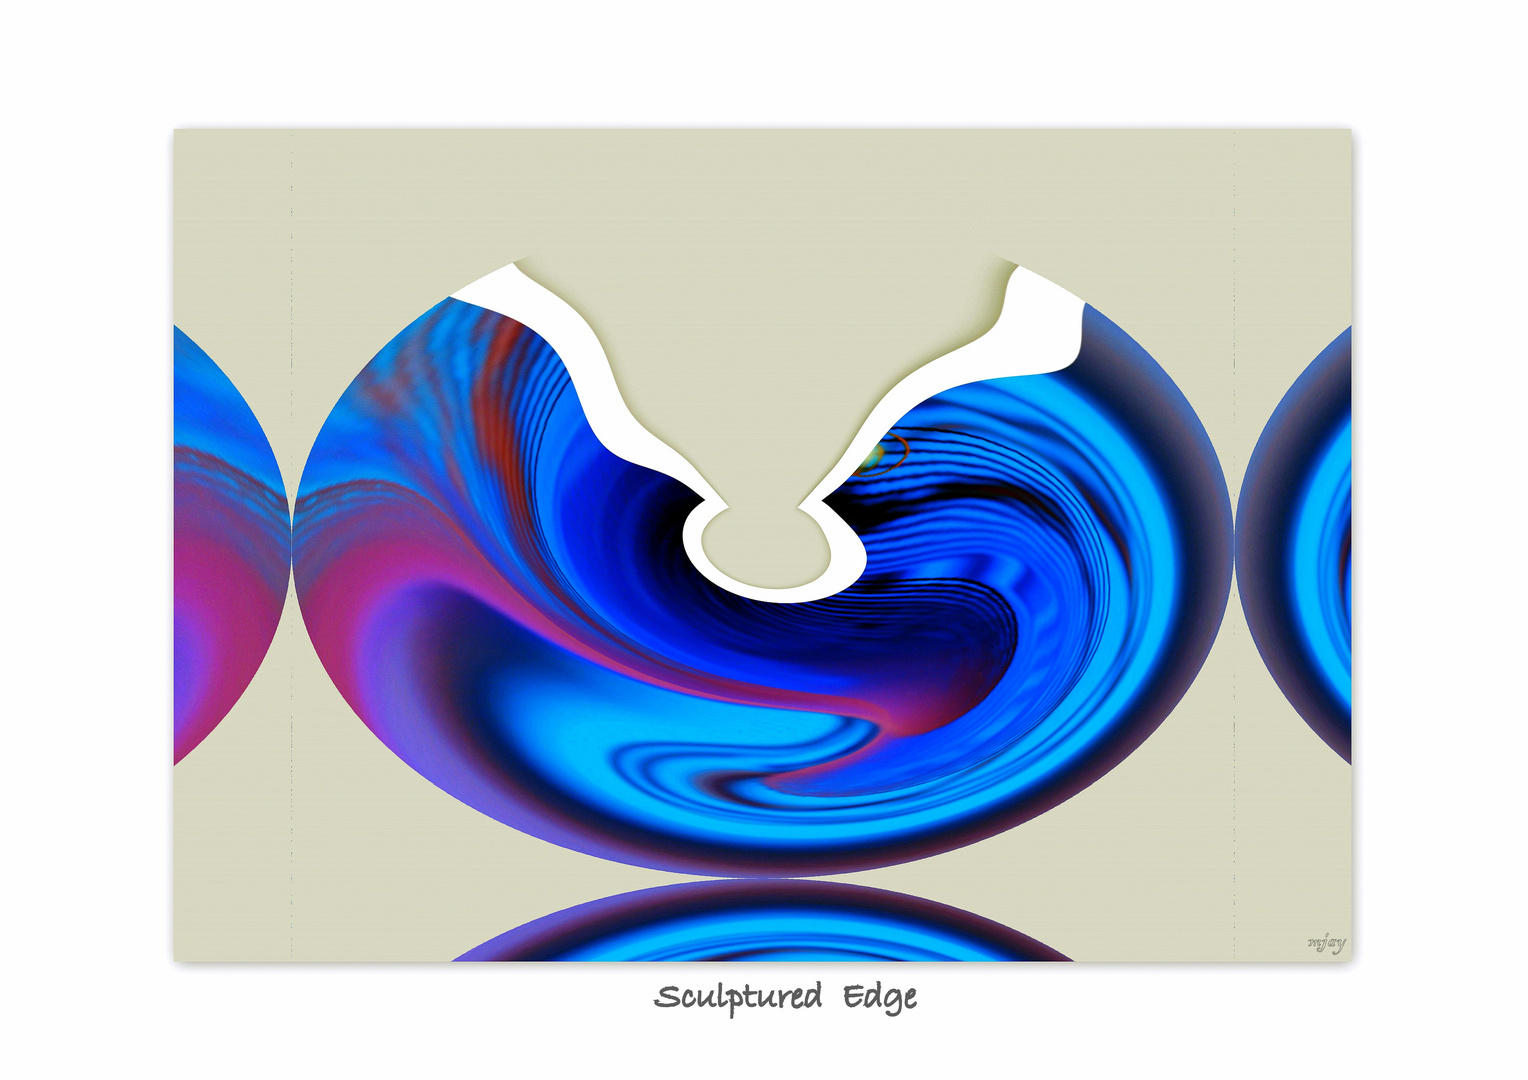 Sculptured Edge